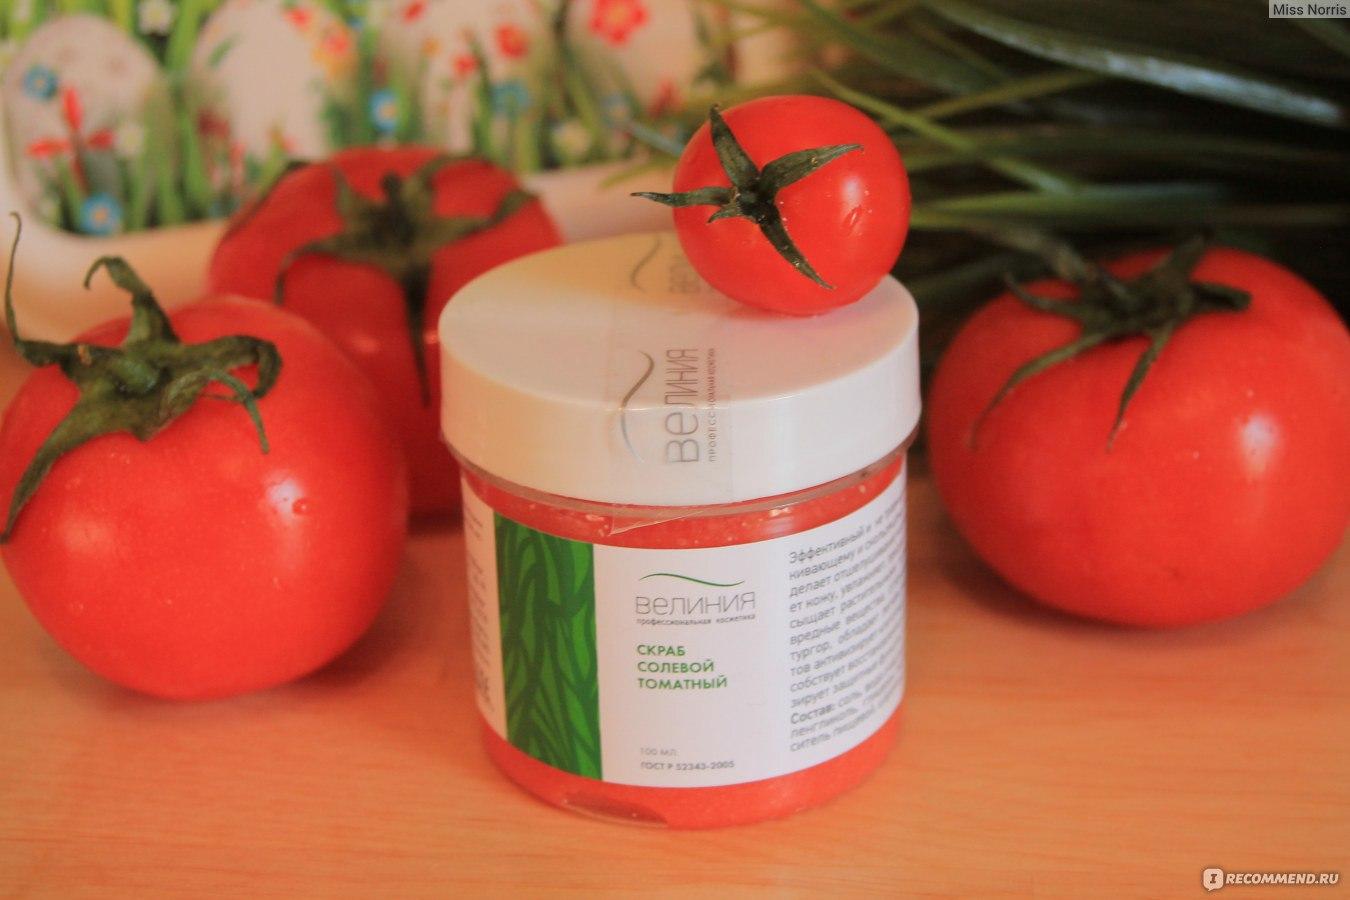 Скраб из помидоров для тела